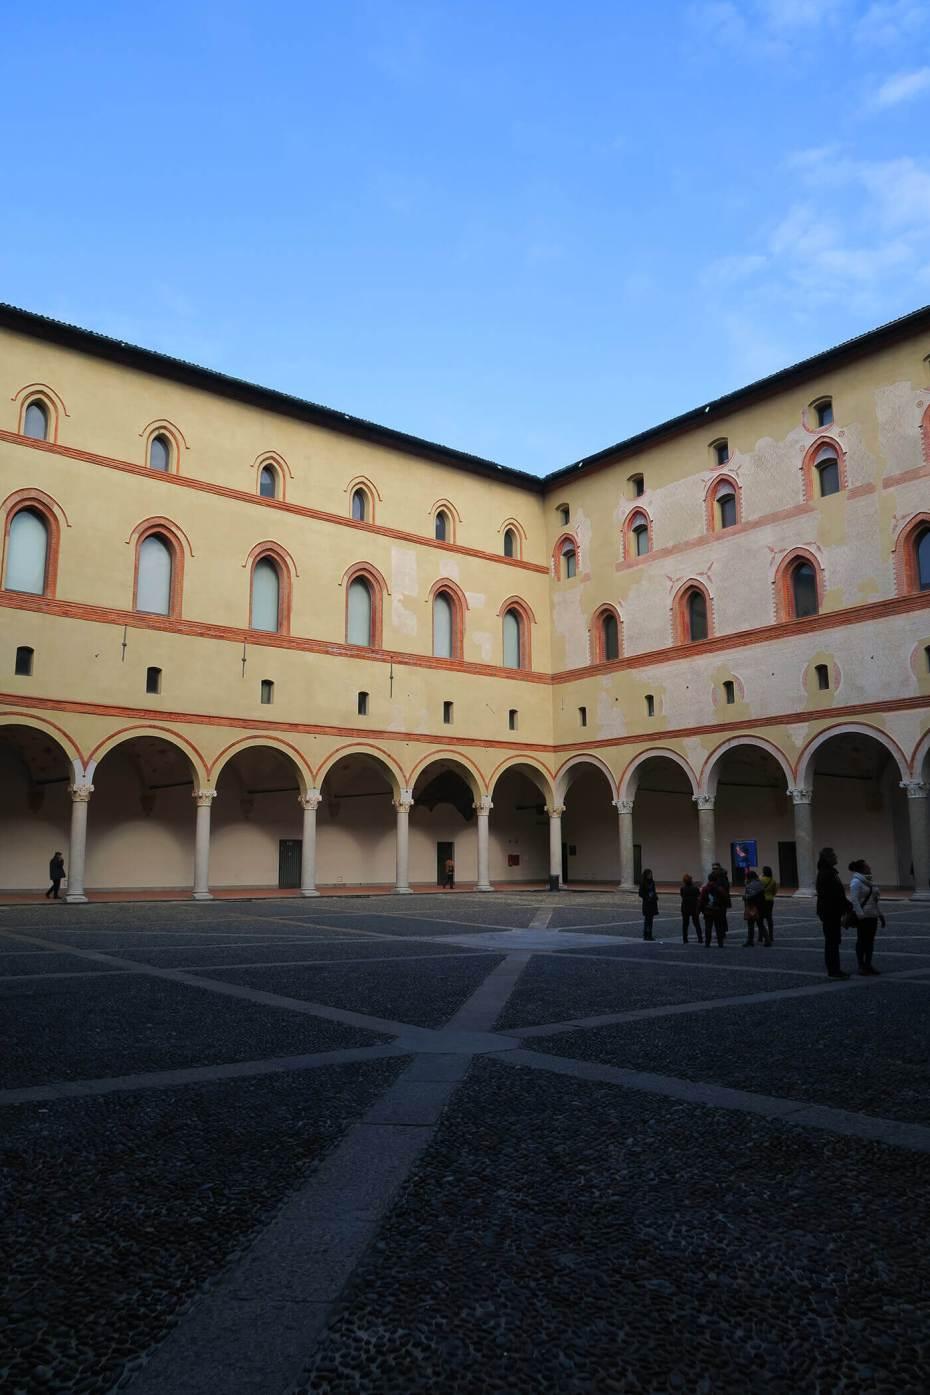 Patios en el Castello Sforzesco en Milán, Italia